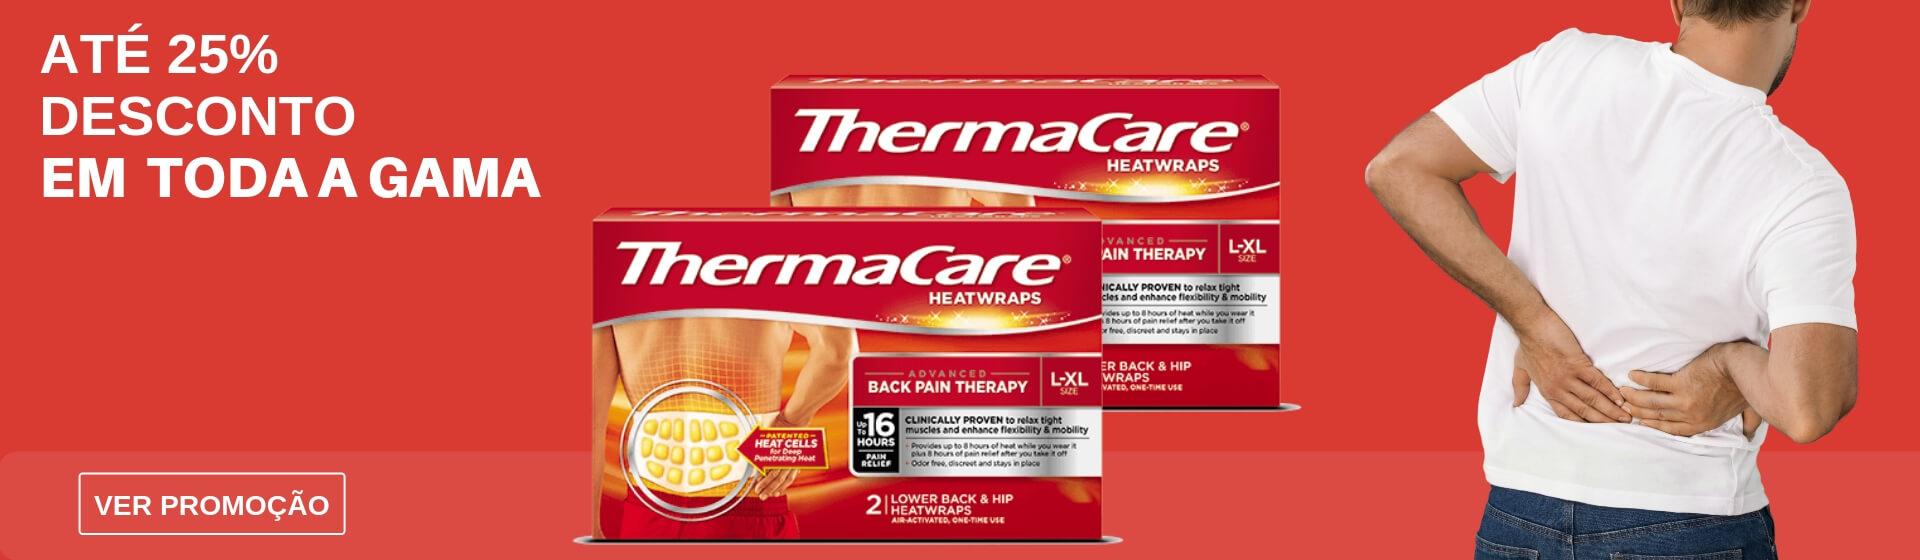 Thermacare os Melhores Tratamentos